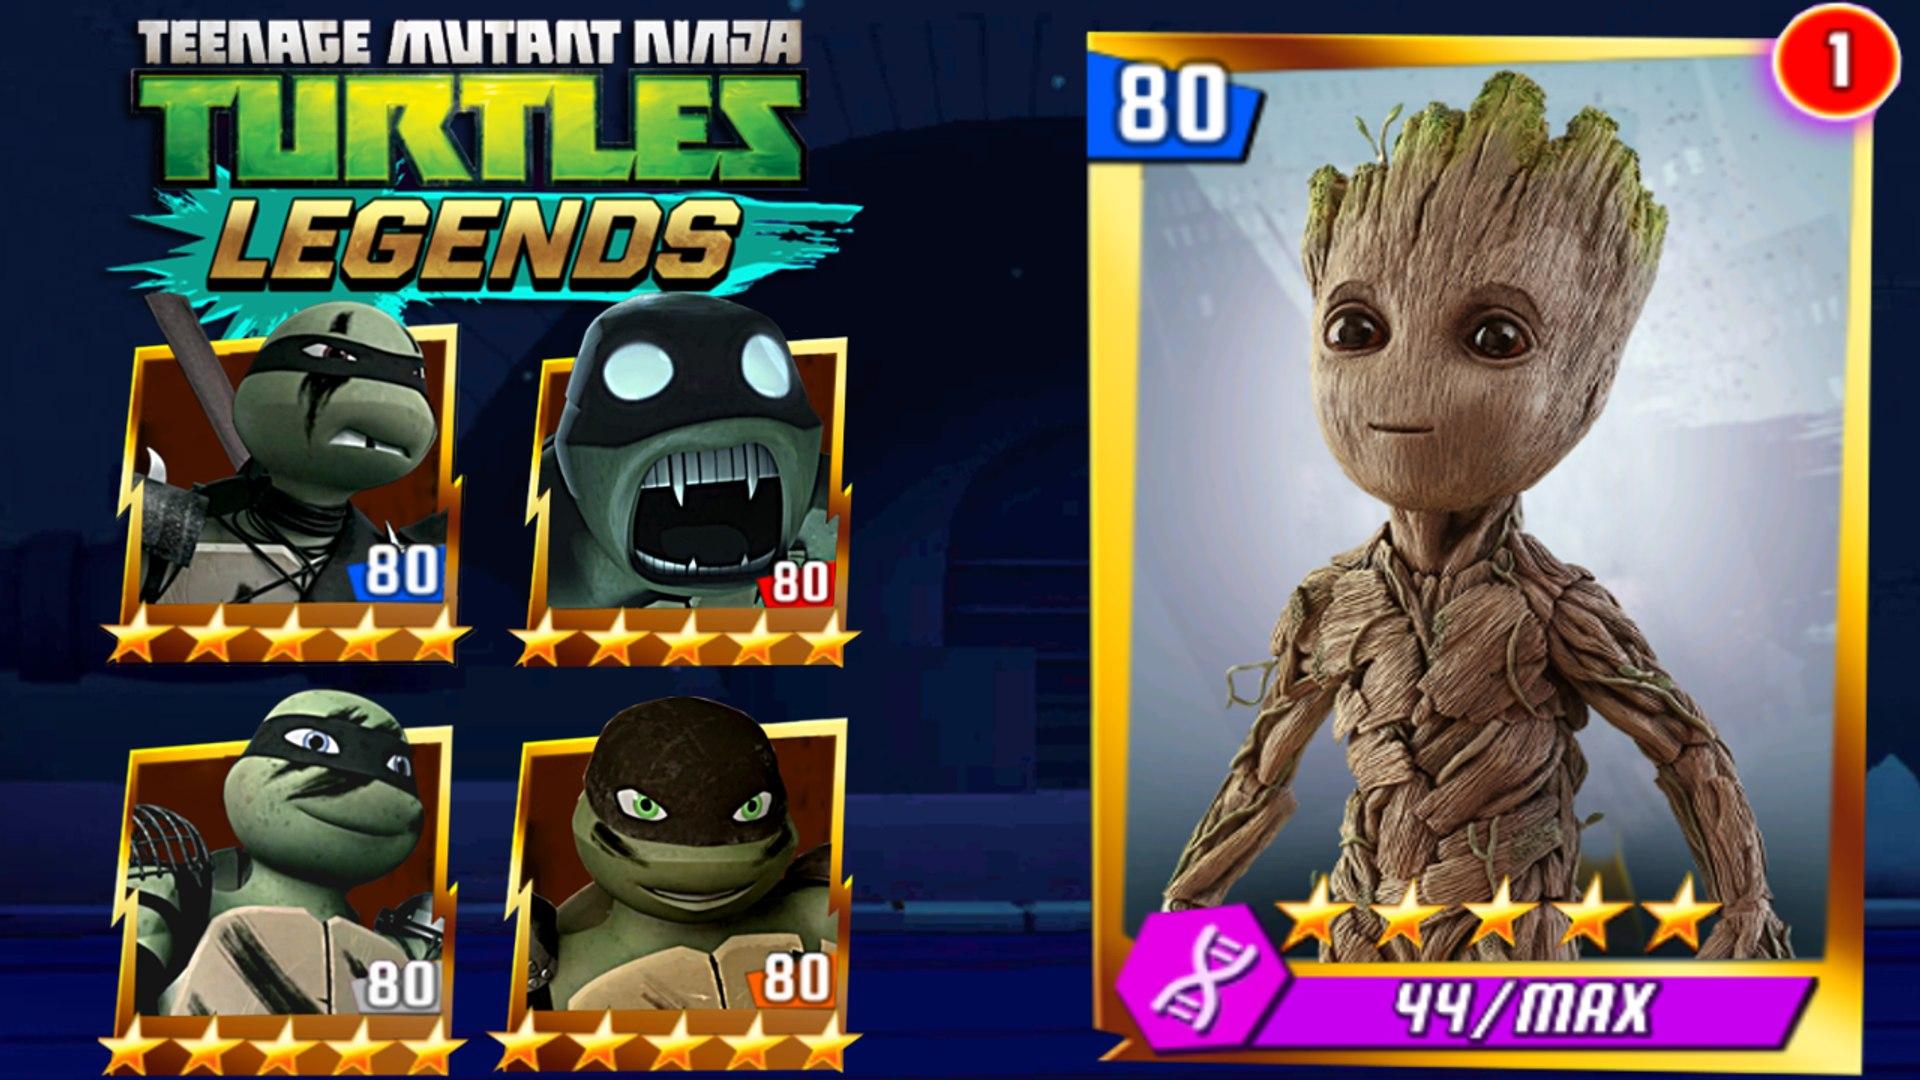 Teenage Mutant Ninja Turtles Legends - And The Groot